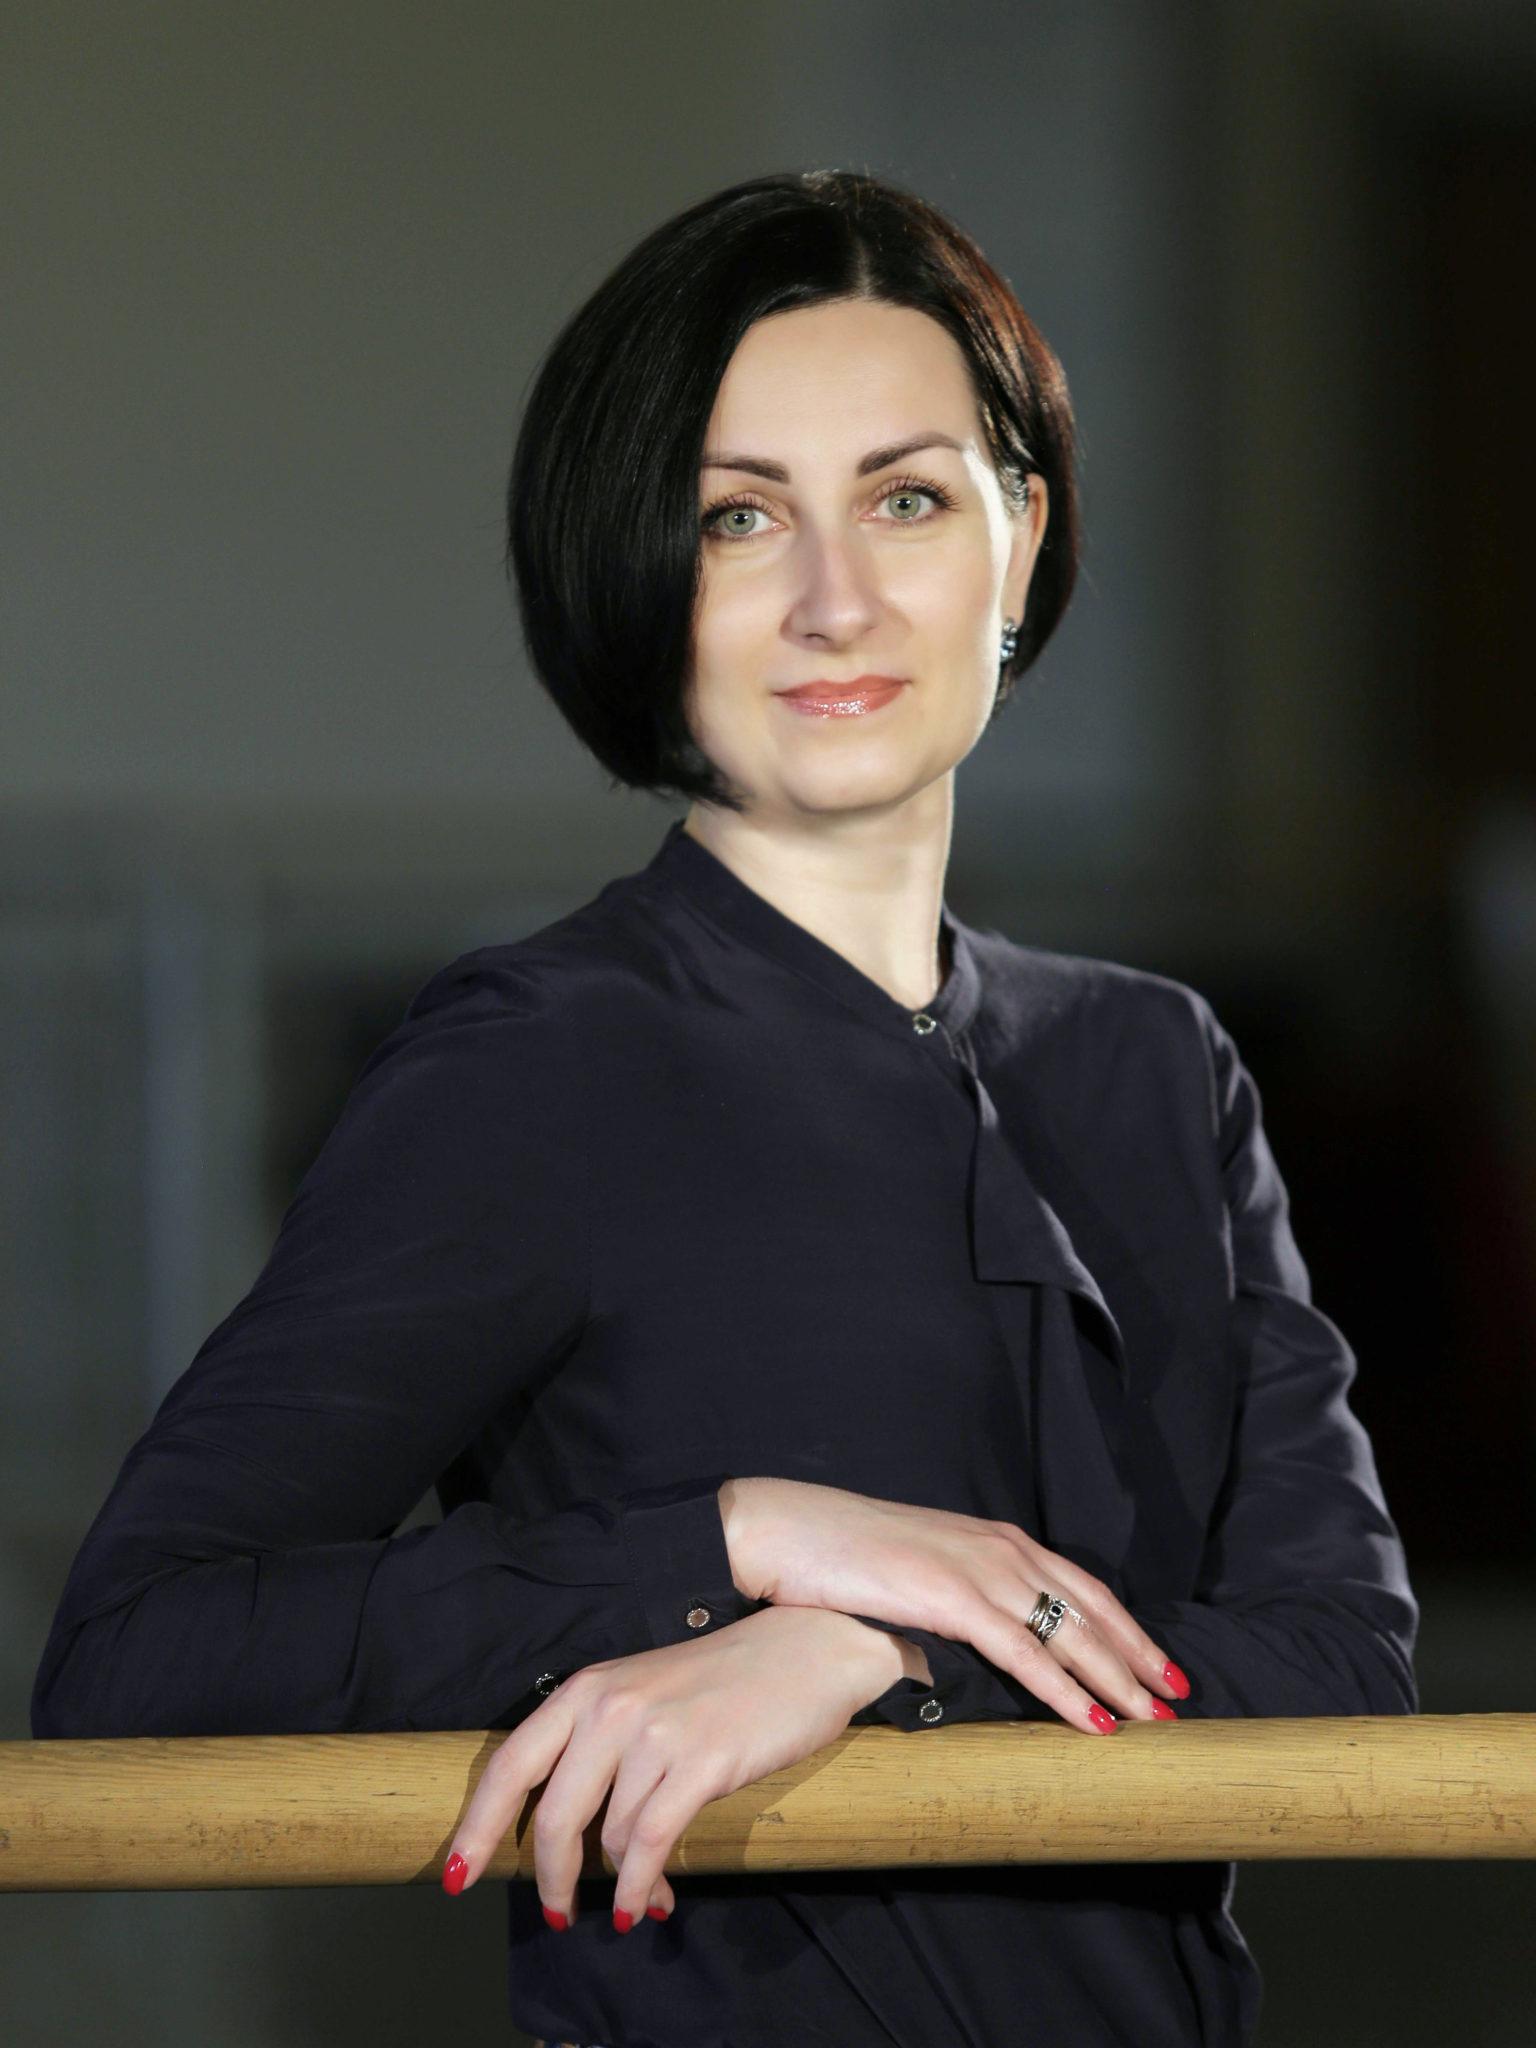 Сафонова Юлия Игоревна - ведущая солистка